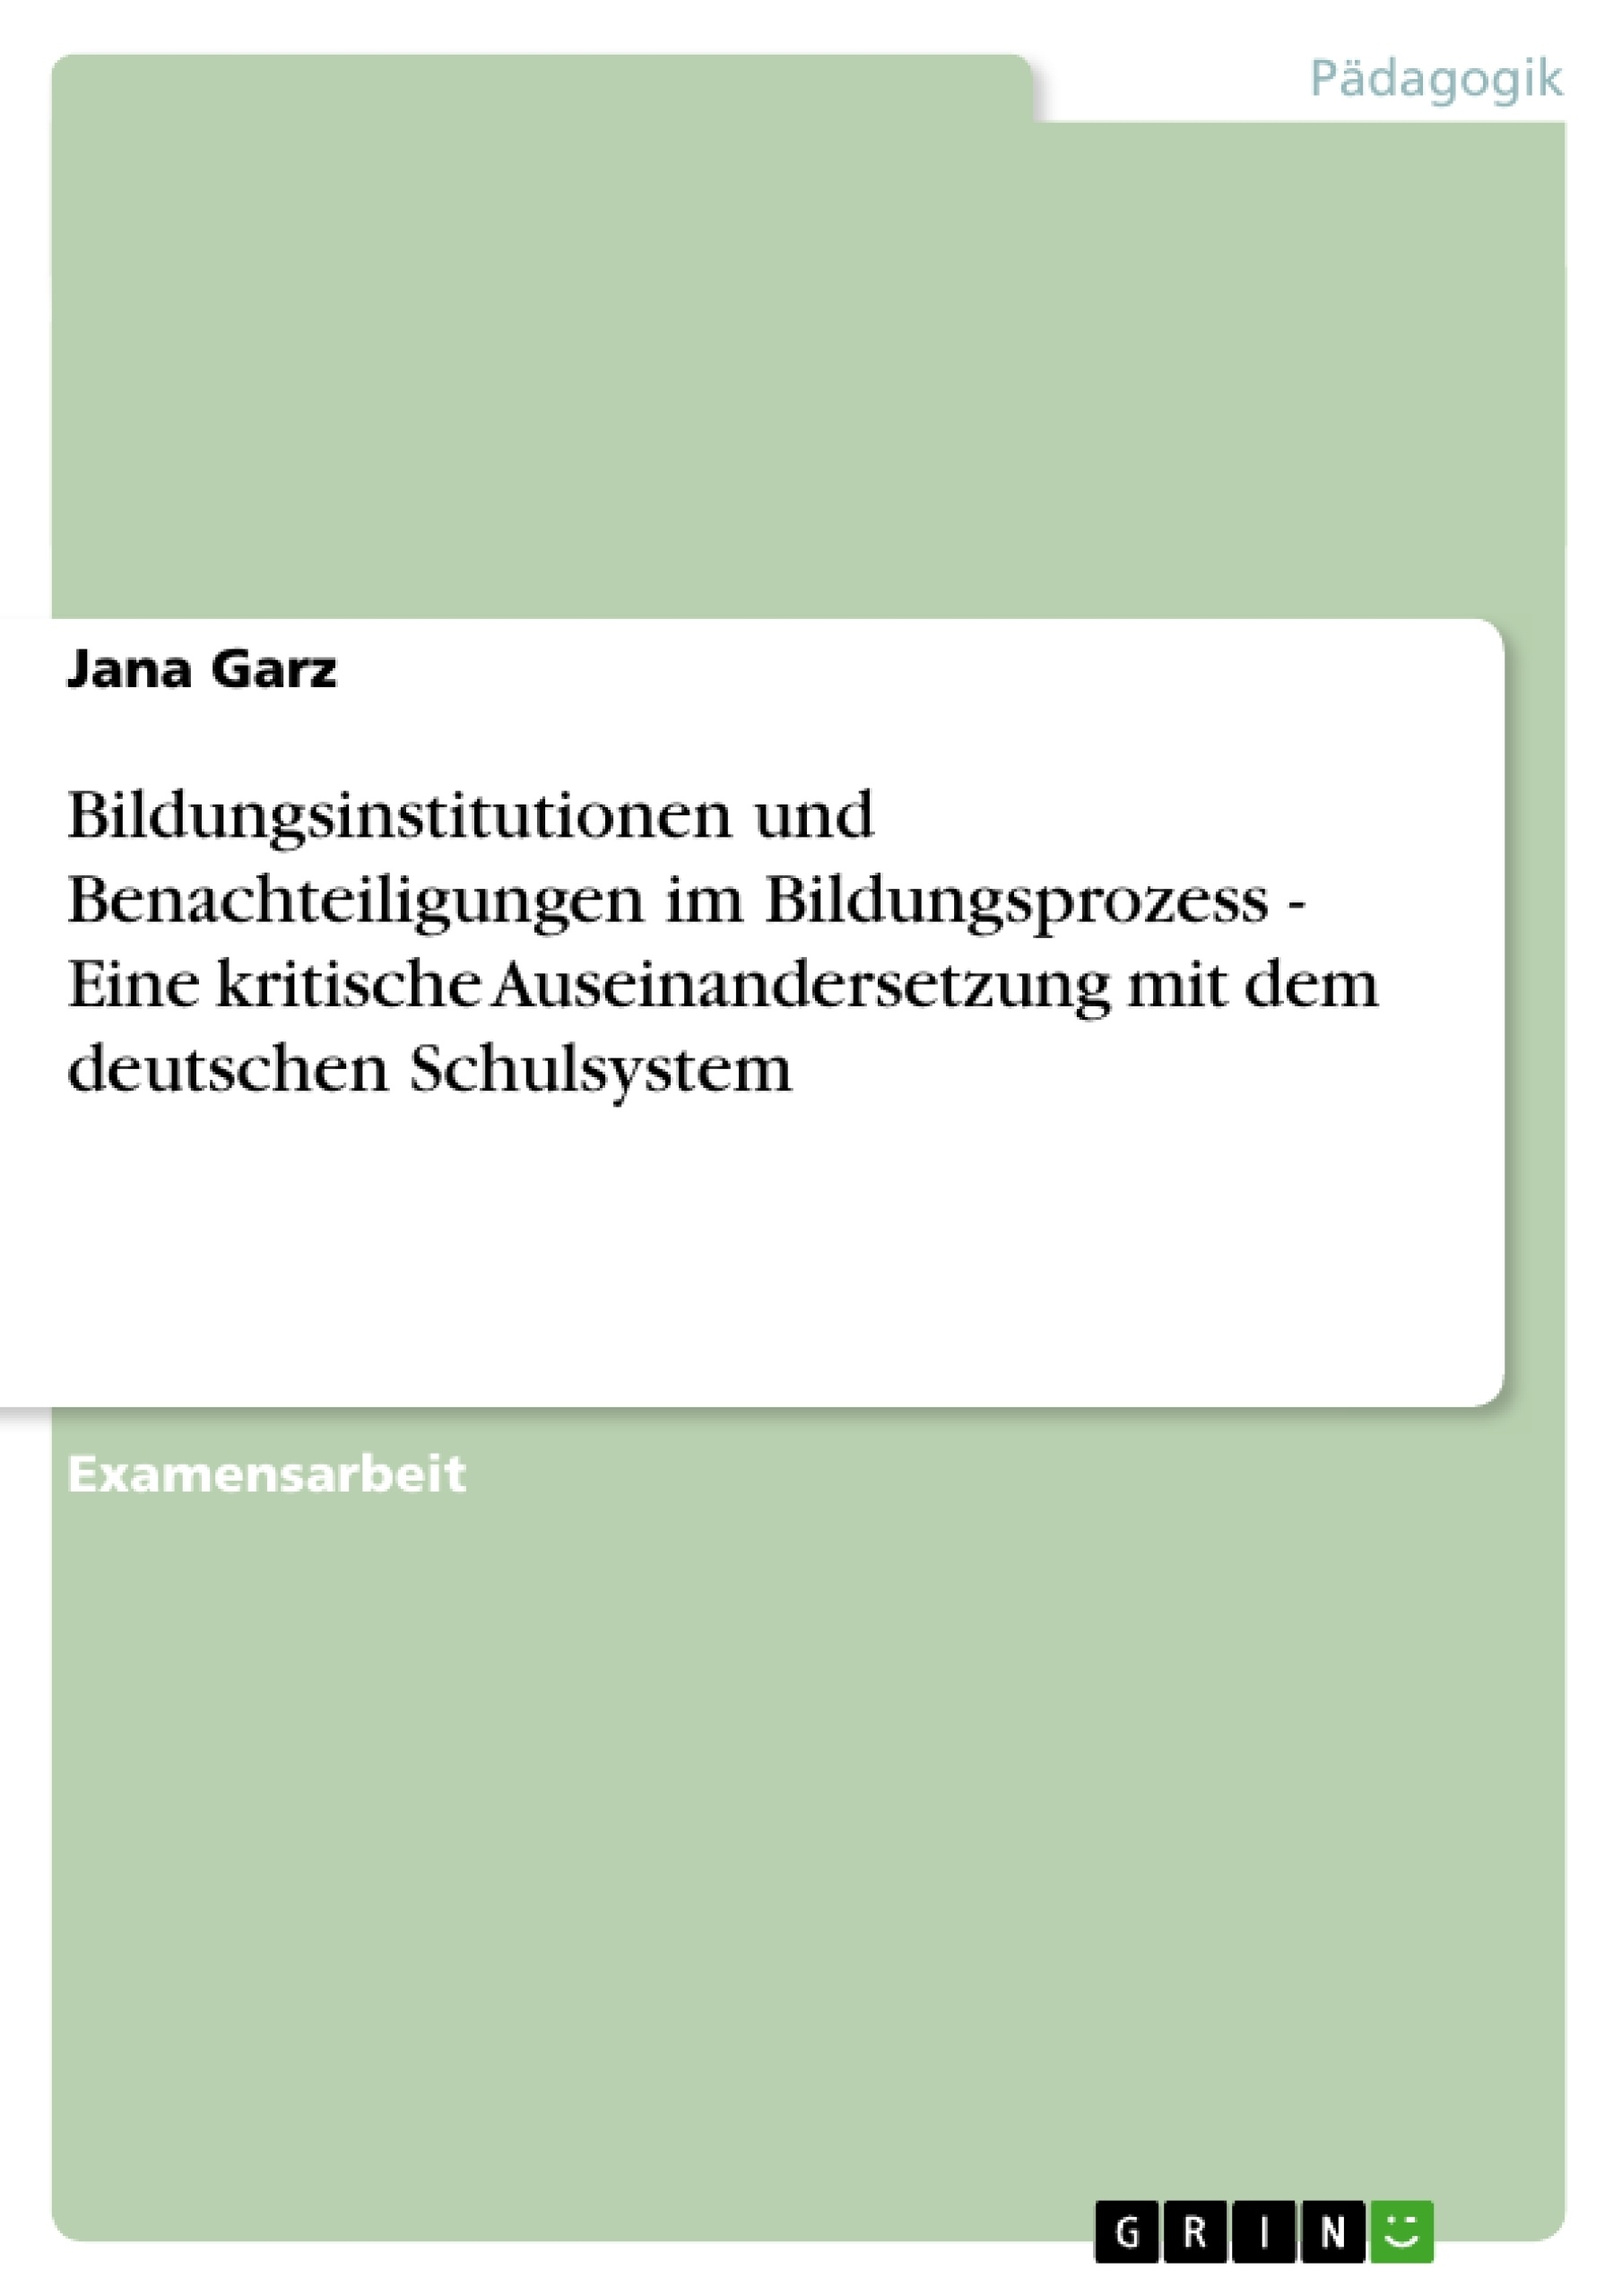 Titel: Bildungsinstitutionen und Benachteiligungen im Bildungsprozess - Eine kritische Auseinandersetzung mit dem deutschen Schulsystem